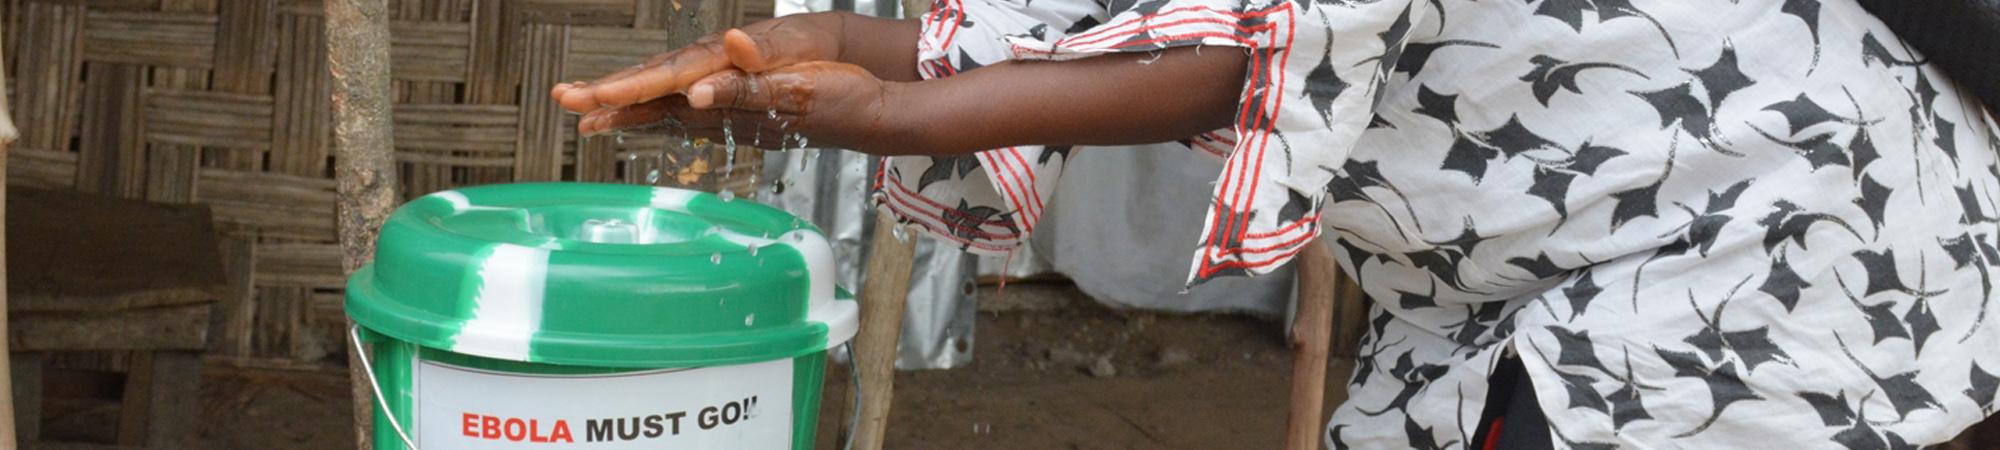 Händeswaschen